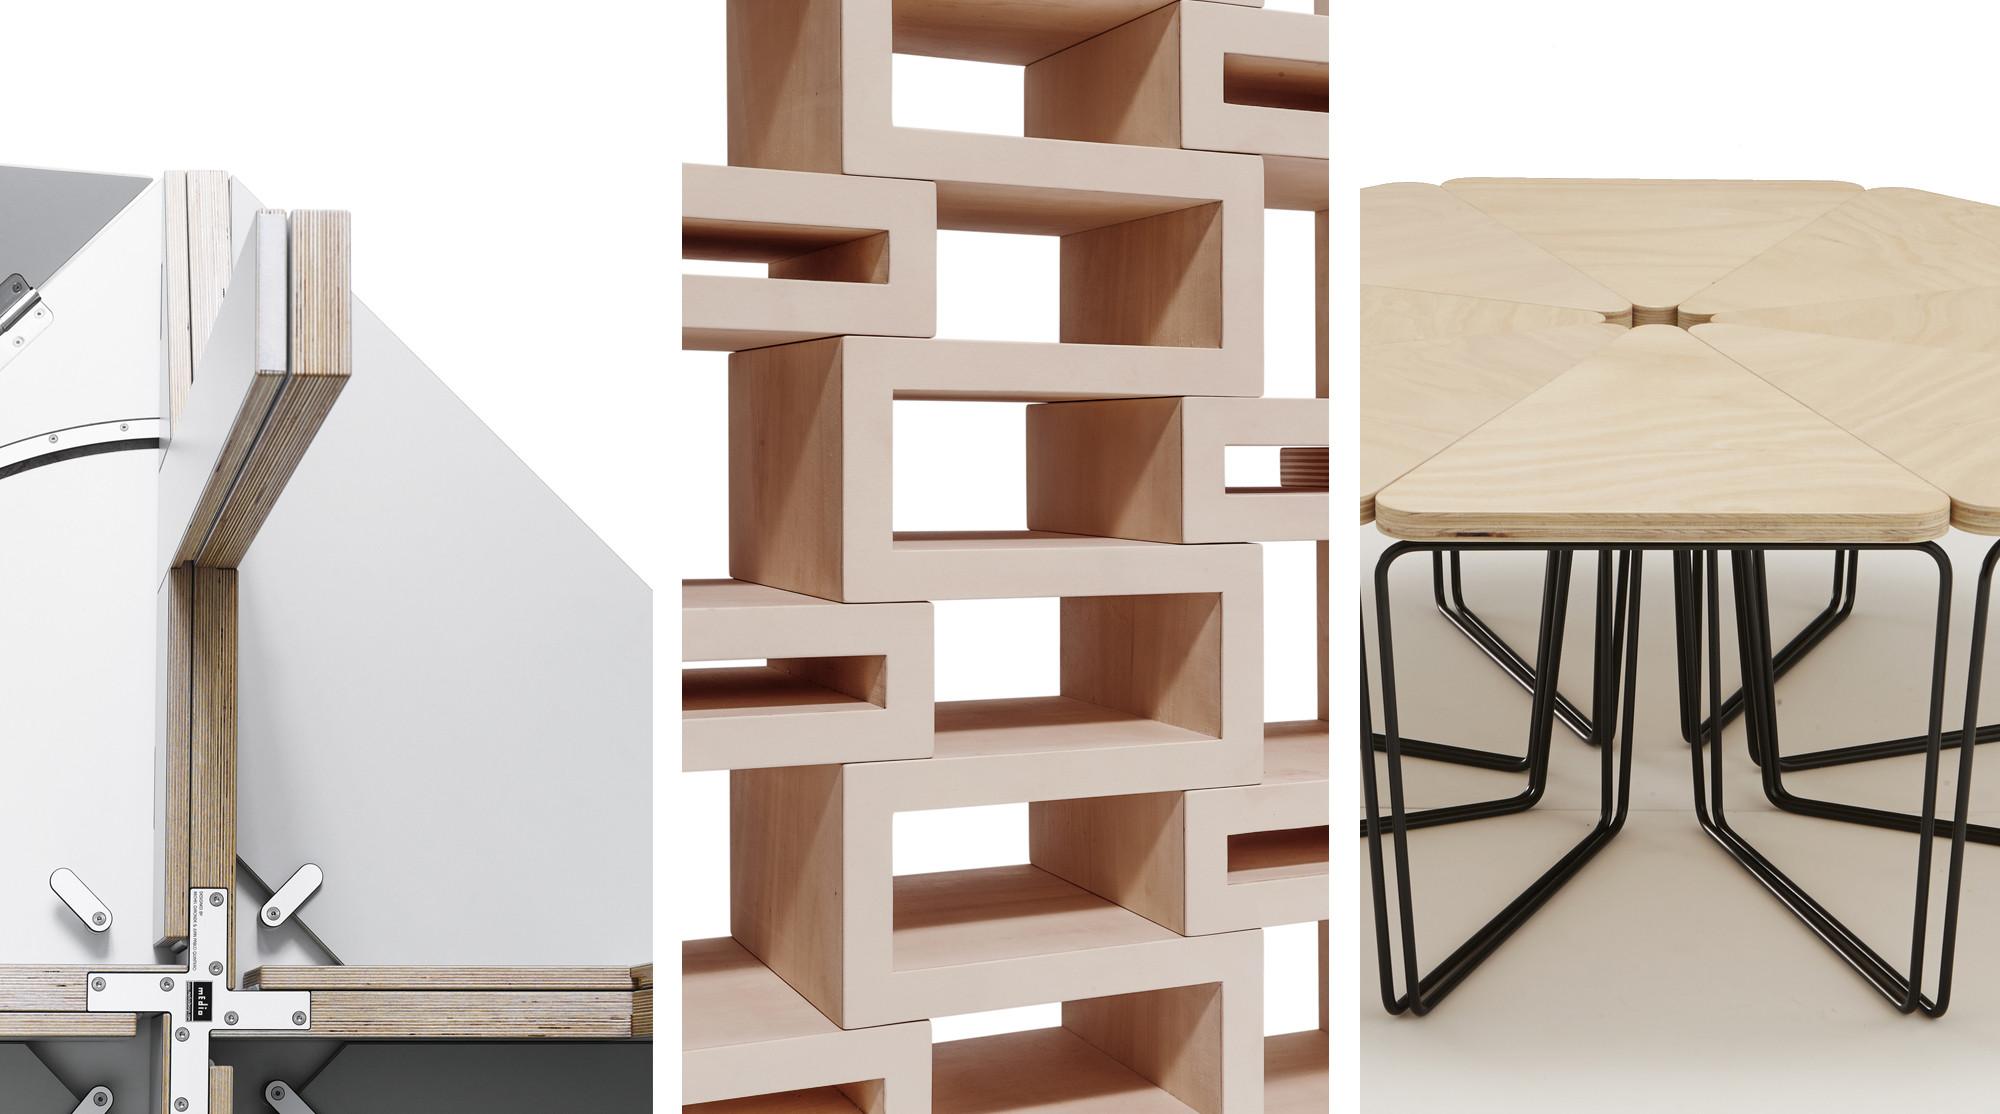 Muebles: Versatilidad